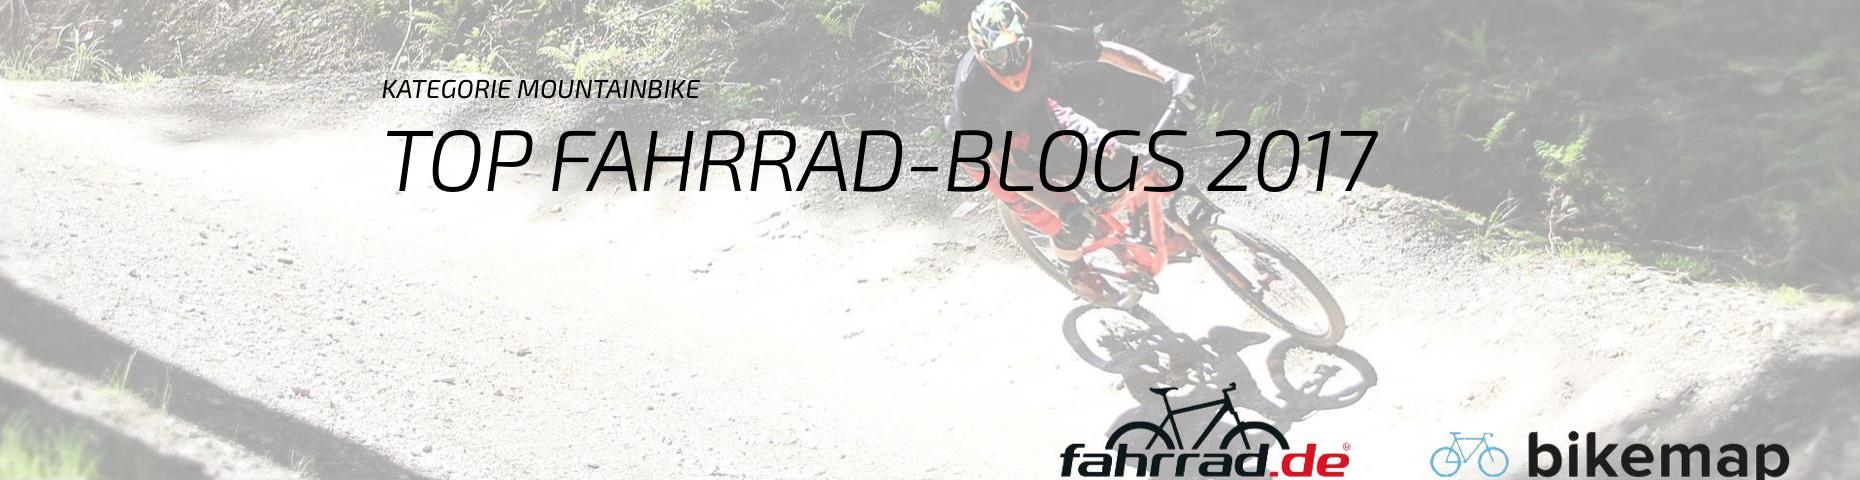 Top Fahrradblog 2017